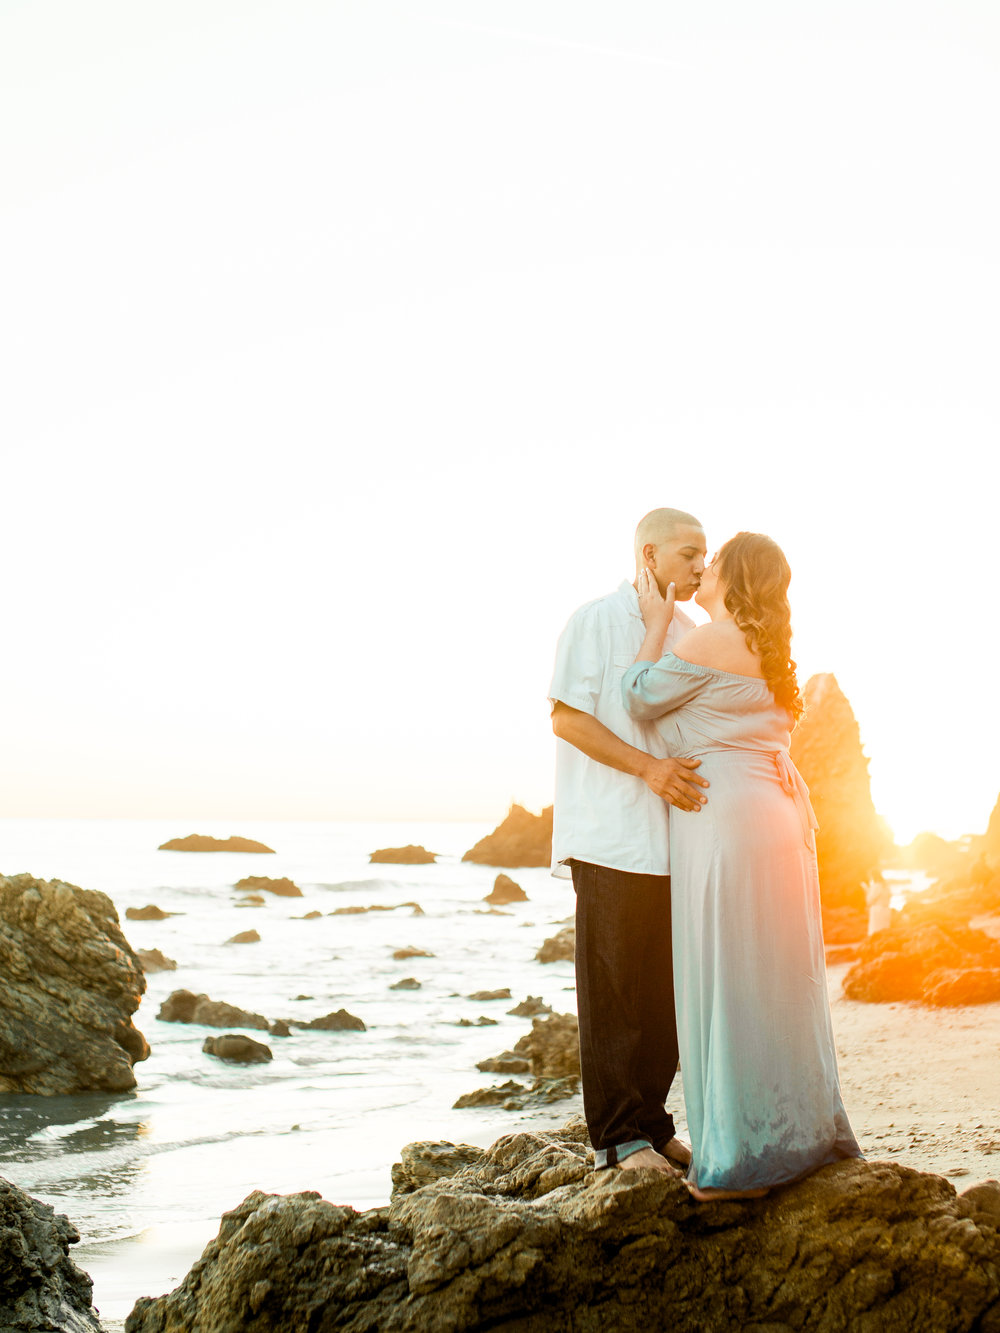 DennisRoyCoronel__LianaAlfredo_Engagement-31.jpg